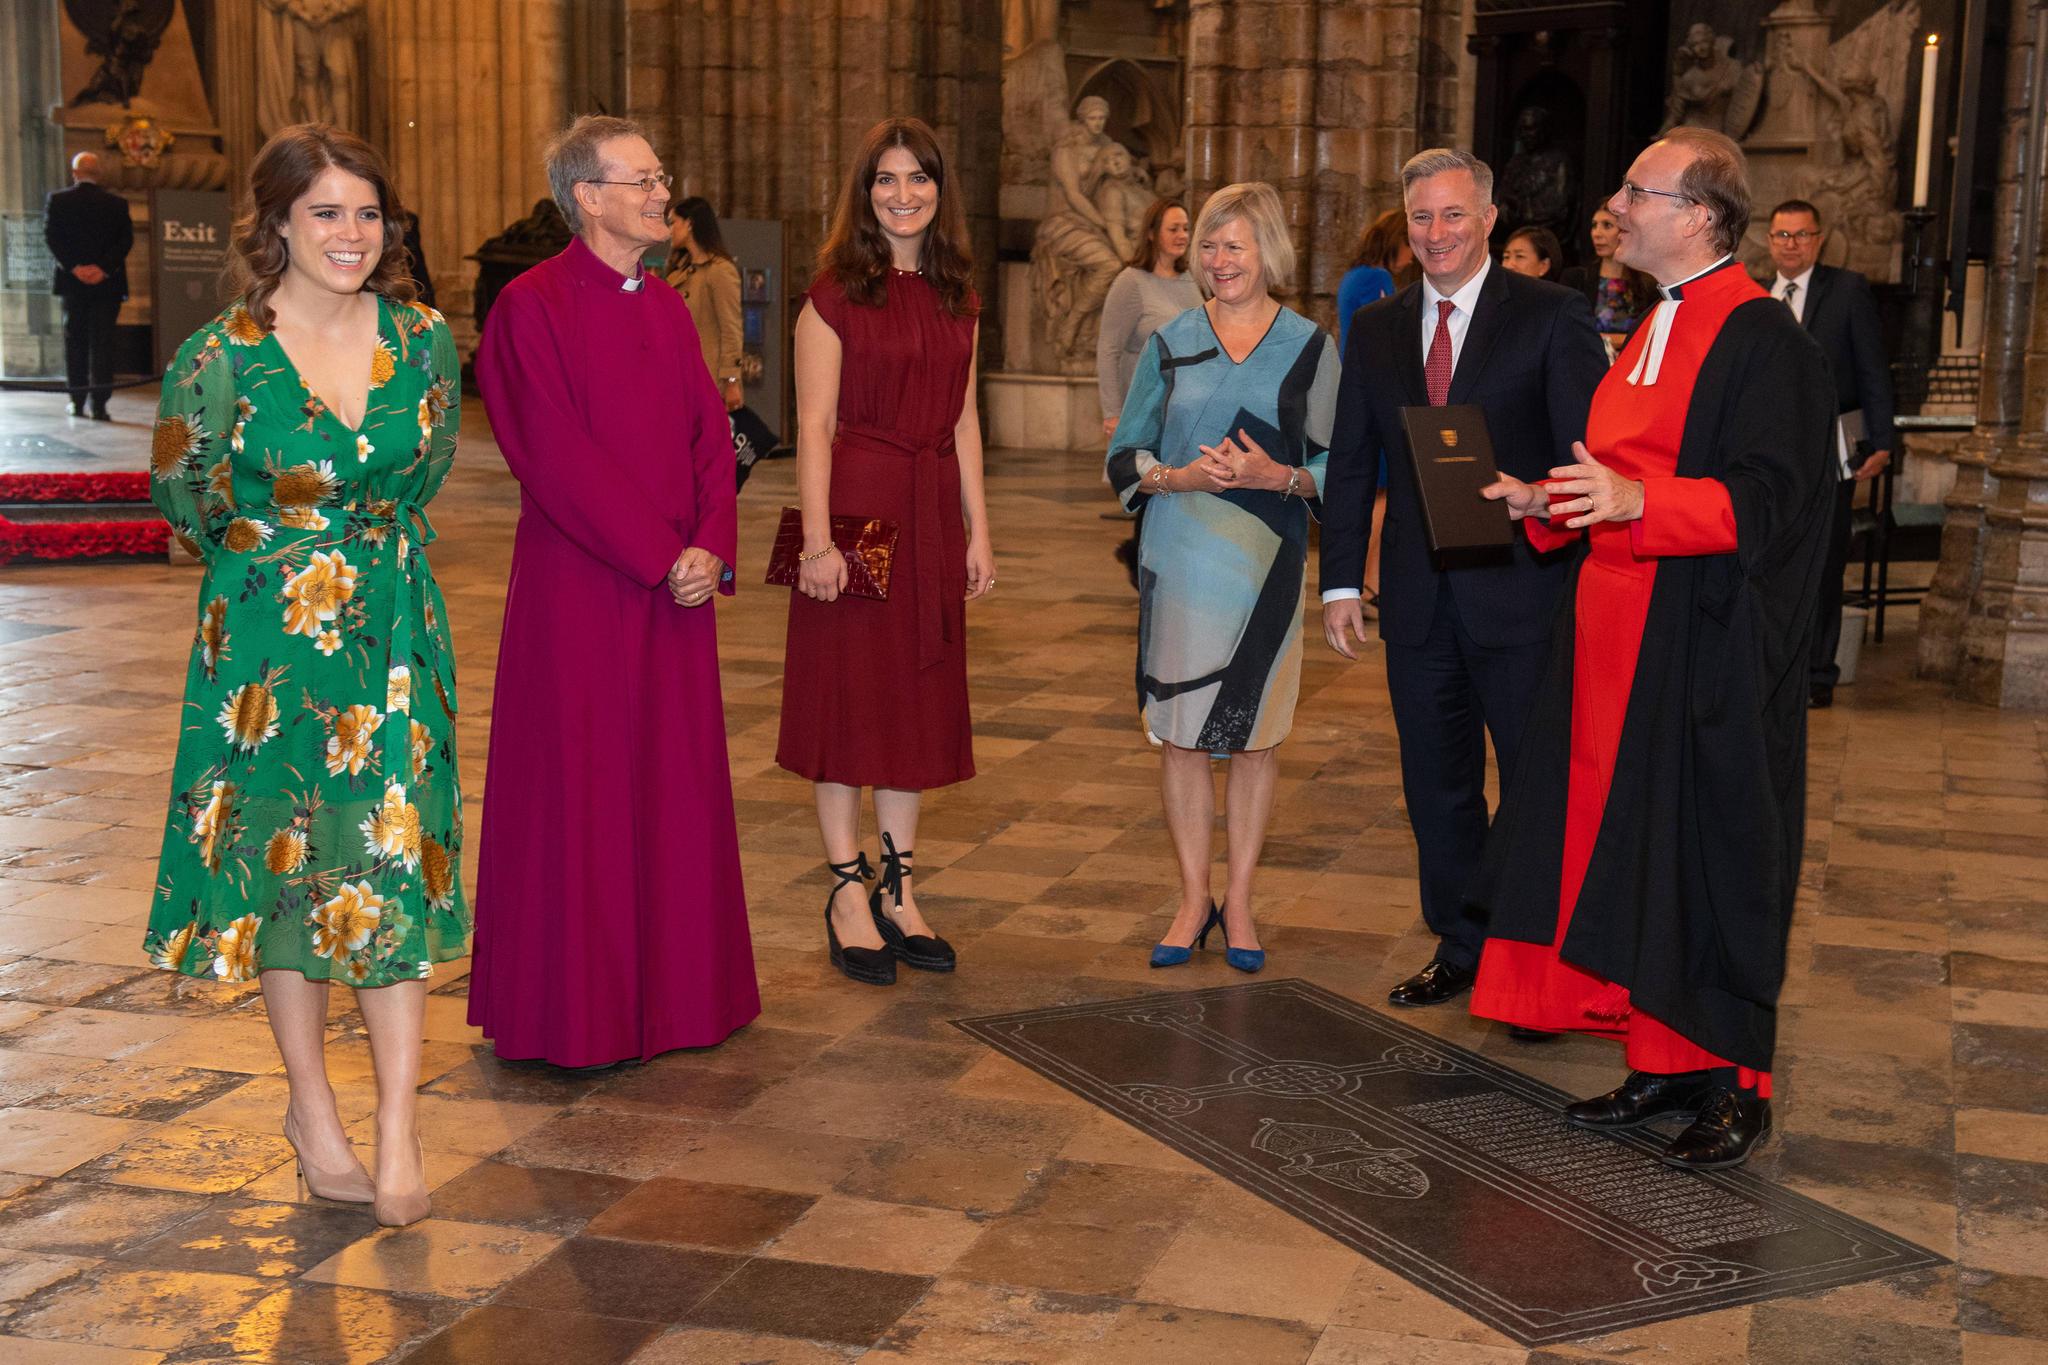 Prinzessin Eugeniebeim Besuch der Westminster Abbey am Tag zur Abschaffung der modernen Sklaverei in London.